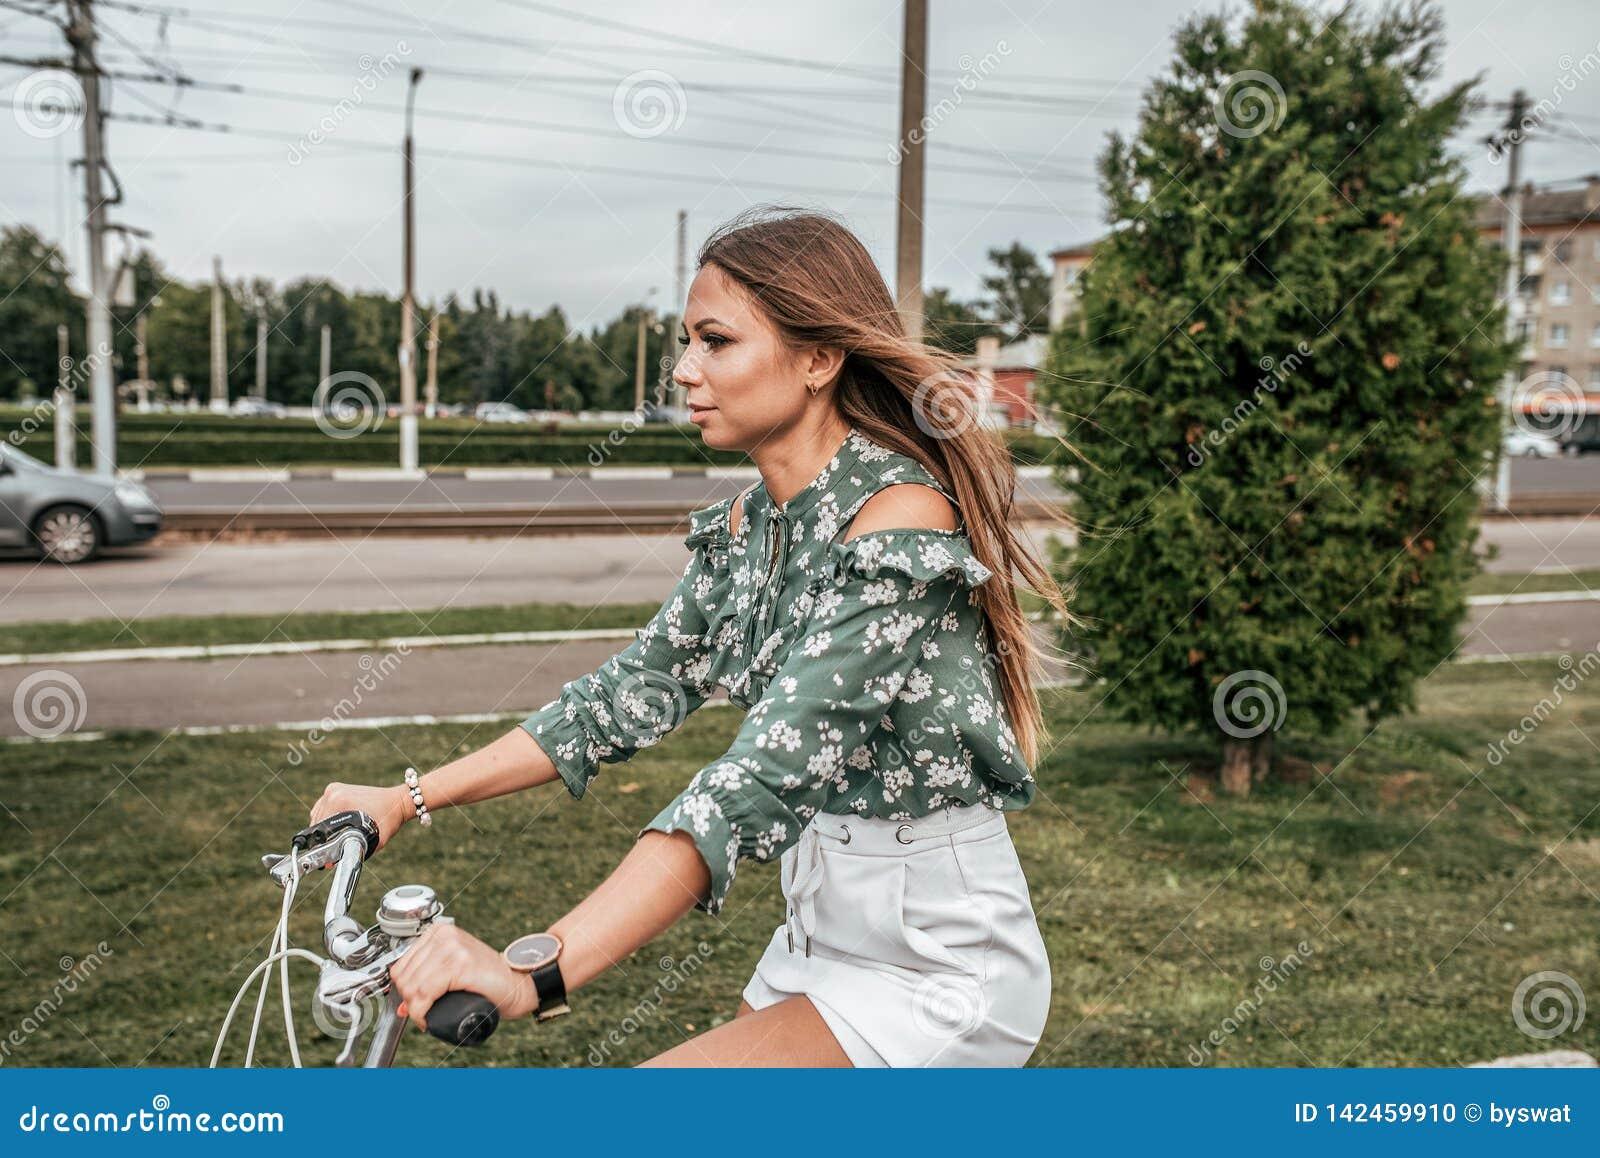 Девушка летом в городе, ехать велосипед, против фона деревьев и зеленых автомобилей В зеленых свитере и белизне